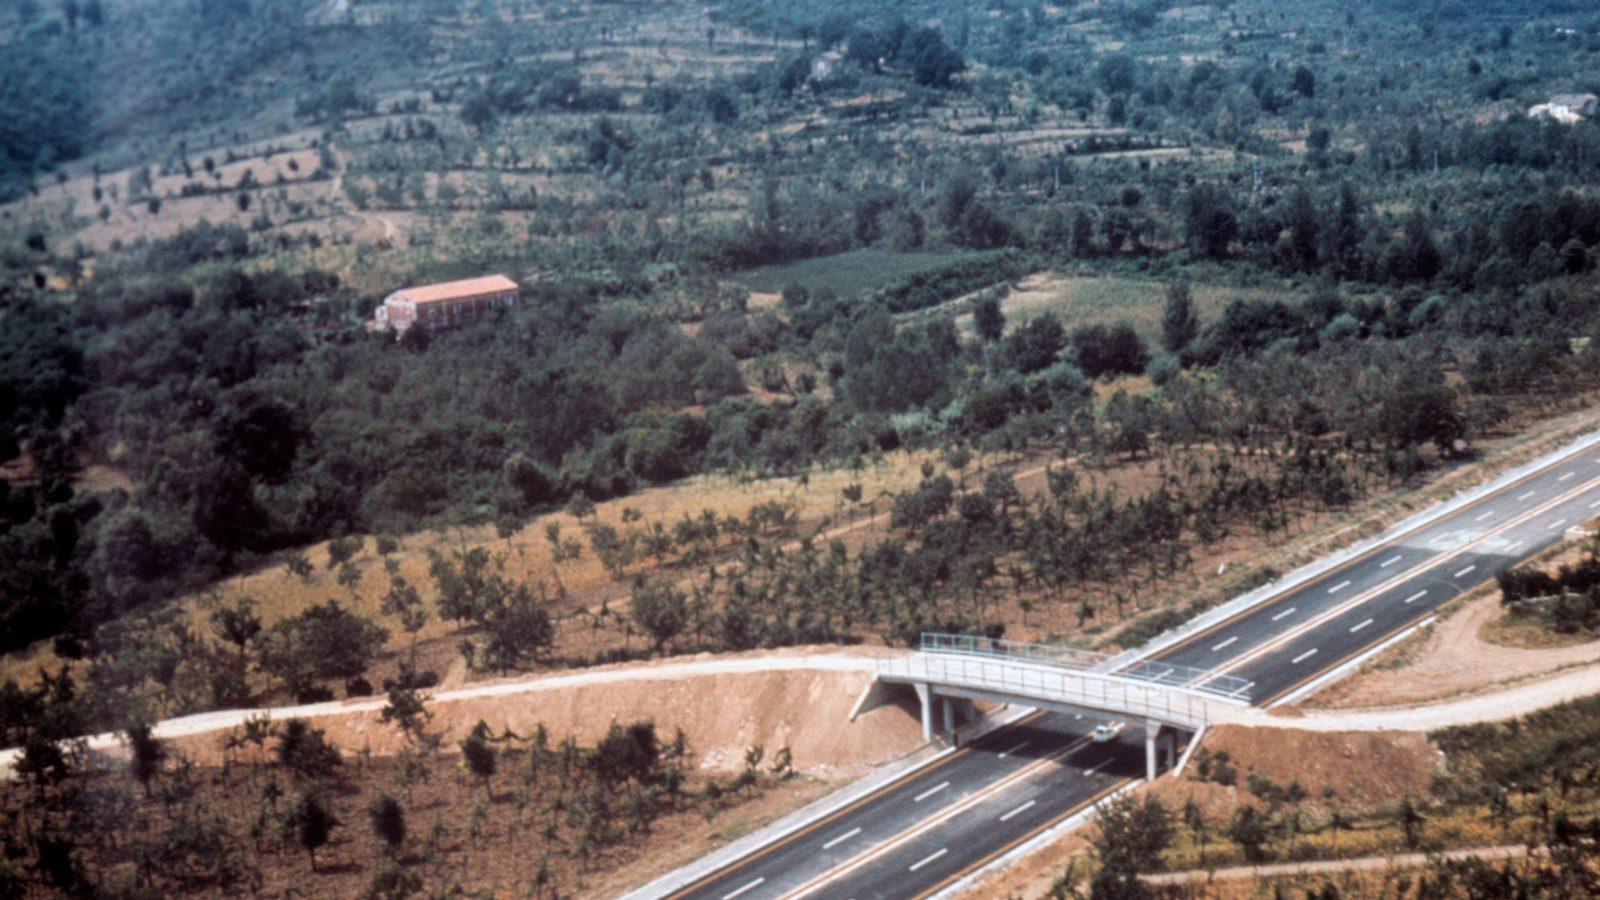 Veduta aerea della A3 Salerno – Reggio Calabria nel 1968 (Archivio storico Anas)